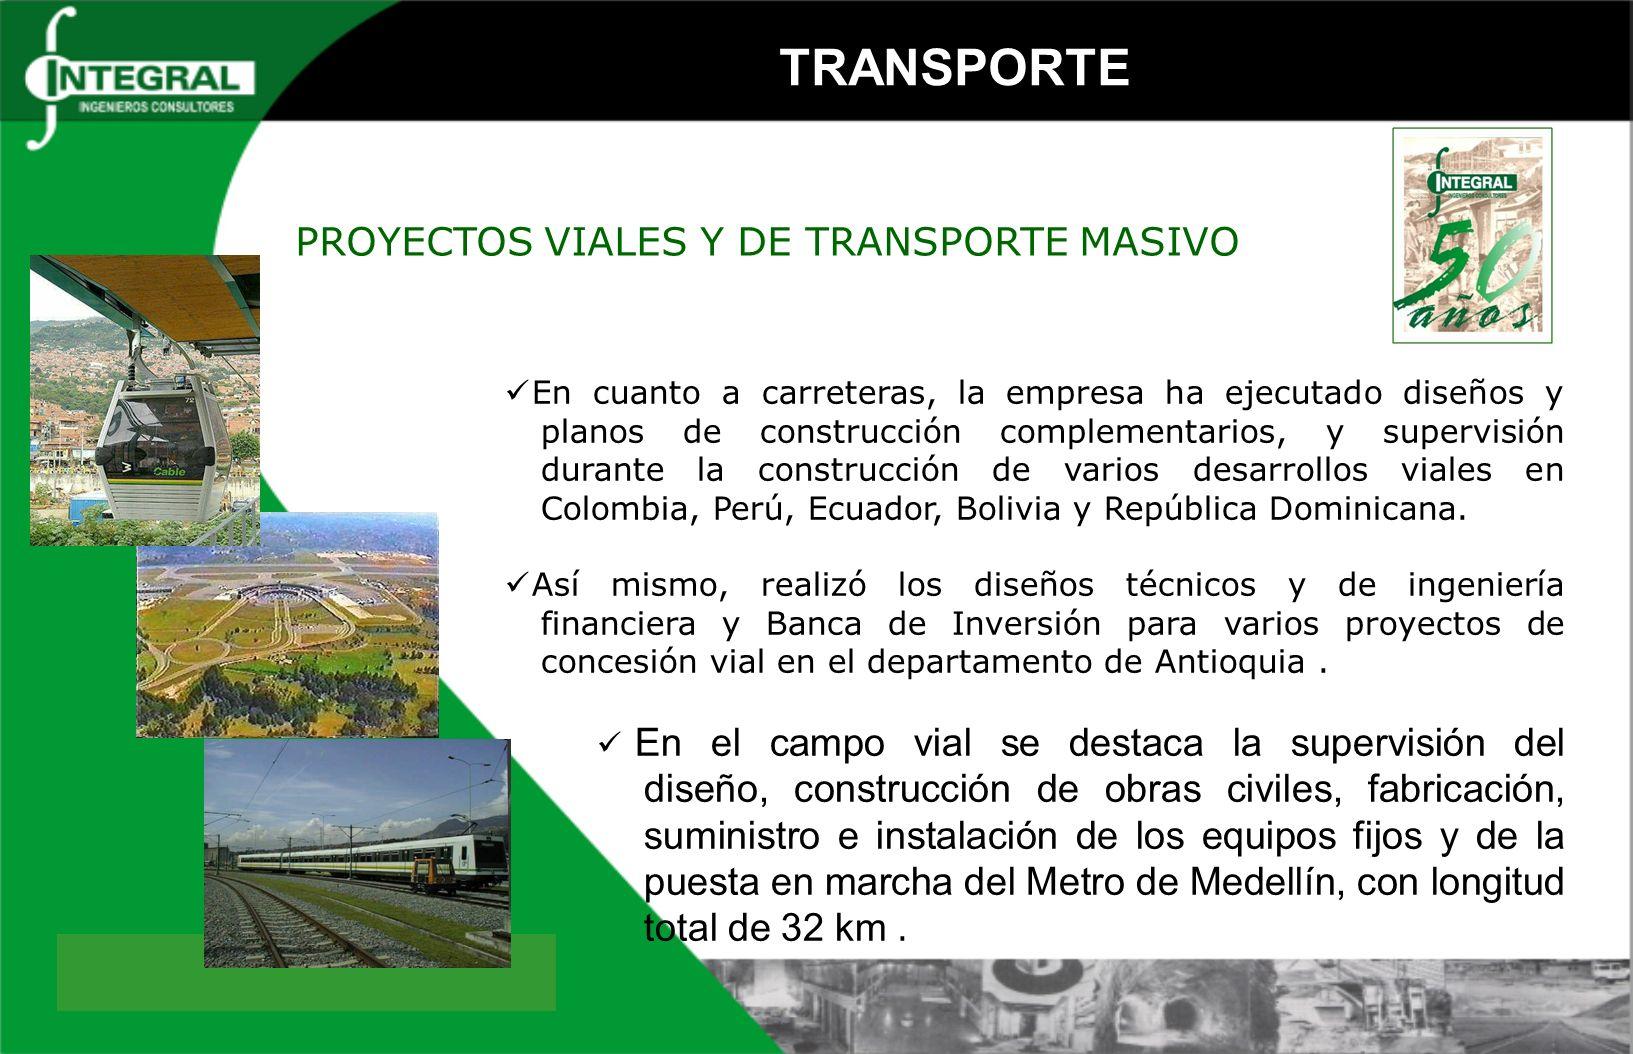 Diseño de Proyectos Viales PROYECTO VIALLONGITUD (km)UBICACIÓN VALOR DE LOS SERVICIOS US$ ESTUDIOS DE FACTIBILIDAD Y DISEÑOS DEFINITIVOS DE LA CARRETERA TRONCAL VARIANTE DEL PORCE282,0COLOMBIA11.338.051 DISEÑOS DEFINITIVOS PARA LA CONSTRUCCIÓN DE LA CARRETERA SANTA FE DE ANTIOQUIA - MUTATA175,0COLOMBIA3.544.774 DISEÑOS DEFINITIVOS Y SUPERVISIÓN DE CONSTRUCCIÓN DE LA CARRETERA CAUCASIA - NECHI68,0COLOMBIA2.774.340 DISEÑOS Y PLANOS DE CONSTRUCCIÓN COMPLEMENTARIOS, CONTROL TÉCNICO ADMINISTRATIVO DEL PROYECTO Y SUPERVISIÓN DE LA CONSTRUCCIÓN DE LA CARRETERA TRONCAL MEDELLÍN BOGOTÁ 26,4COLOMBIA2.217.553 PREFACTIBILIDAD, FACTIBILIDAD Y DISEÑOS PARA LA INGENIERÍA DE LA COMUNICACIÓN VIAL ABURRA - ORIENTE17,0COLOMBIA1.855.068 ANÁLISIS DE LA COMUNICACION VIAL ENTRE LOS VALLES DE ABURRA Y RIONEGRO17,0COLOMBIA55.387 ESTUDIO PARA LA REHABILITACIÓN Y MANTENIMIENTO VÍA RIOBAMBA-BALBANERA-GUAMOTE-ALAUSI-ZHUD165,0ECUADOR1.582.838 ESTUDIOS Y DISEÑOS DEFINITIVOS PARA LA CONEXION VIAL ENTRE LOS VALLES DE ABURRA Y DEL RIO CAUCA37,8COLOMBIA1.486.458 DISEÑOS DEFINITIVOS DEL VIADUCTO PEREIRA DOSQUEBRADAS0,6COLOMBIA1.387.102 ESTUDIOS FASE I Y FASE II DE LA CARRETERA SANTA FE DE ANTIOQUIA - PUERTO VALDIVIA130,4COLOMBIA1.221.210 ESTUDIOS DEFINITIVOS DE INGENIERÍA PARA LA REHABILITACIÓN DE LA CARRETERA TARAPOTO - YURIMAGUAS134,0PERÚ1.073.037 ACTUALIZACIÓN DE LOS DISEÑOS DEFINITIVOS DE LA CARRETERA HUANUCO-TINGO MARIA-AGUAYTIA, SECTOR TINGO MARIA-AGUAYTIA96,0PERÚ948.673 EJECUCIÓN DE LOS DISEÑOS Y ACOMPAÑAMIENTO TÉCNICO DURANTE LA CONSTRUCCIÓN DEL SECTOR MEDIA CANOA LOBOGUERRERO - TRAMO No.